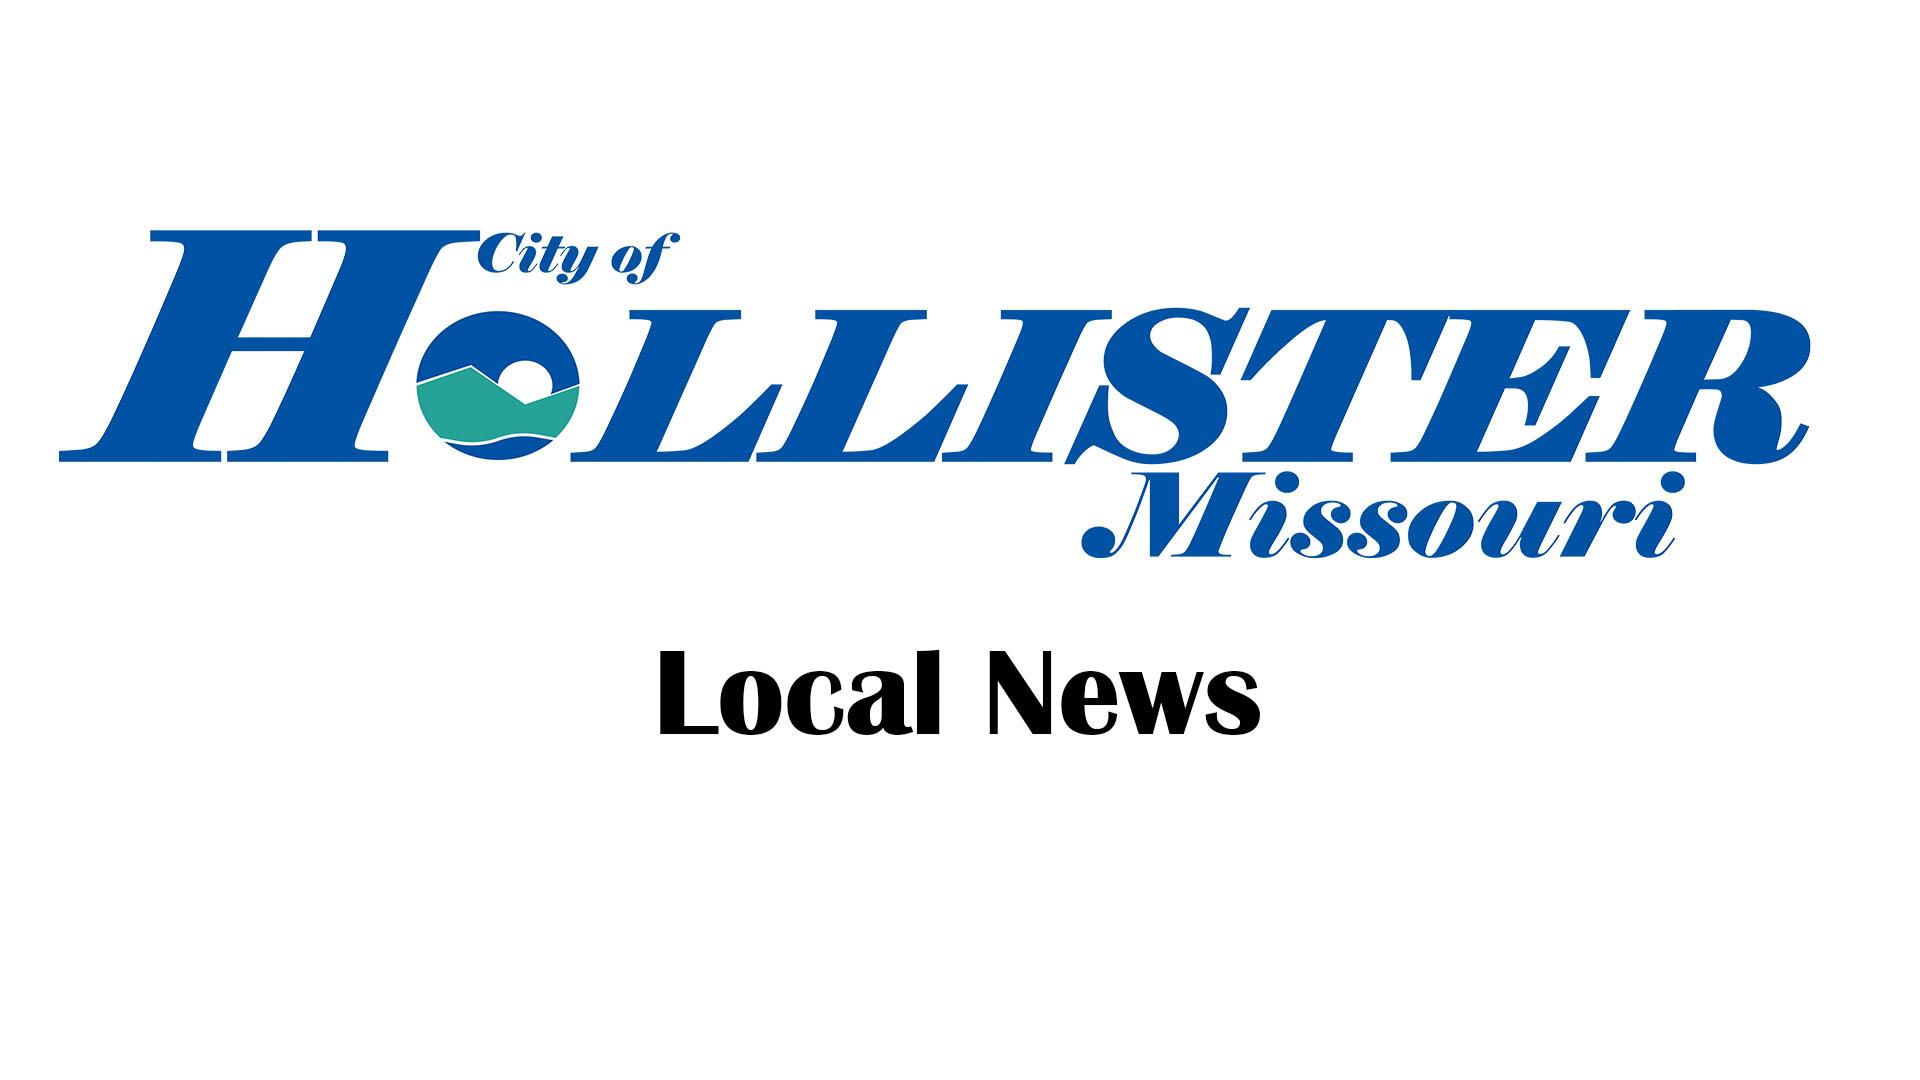 190412 Hollister News Logo 1 - Hollister Drug Take Back on Apr. 27